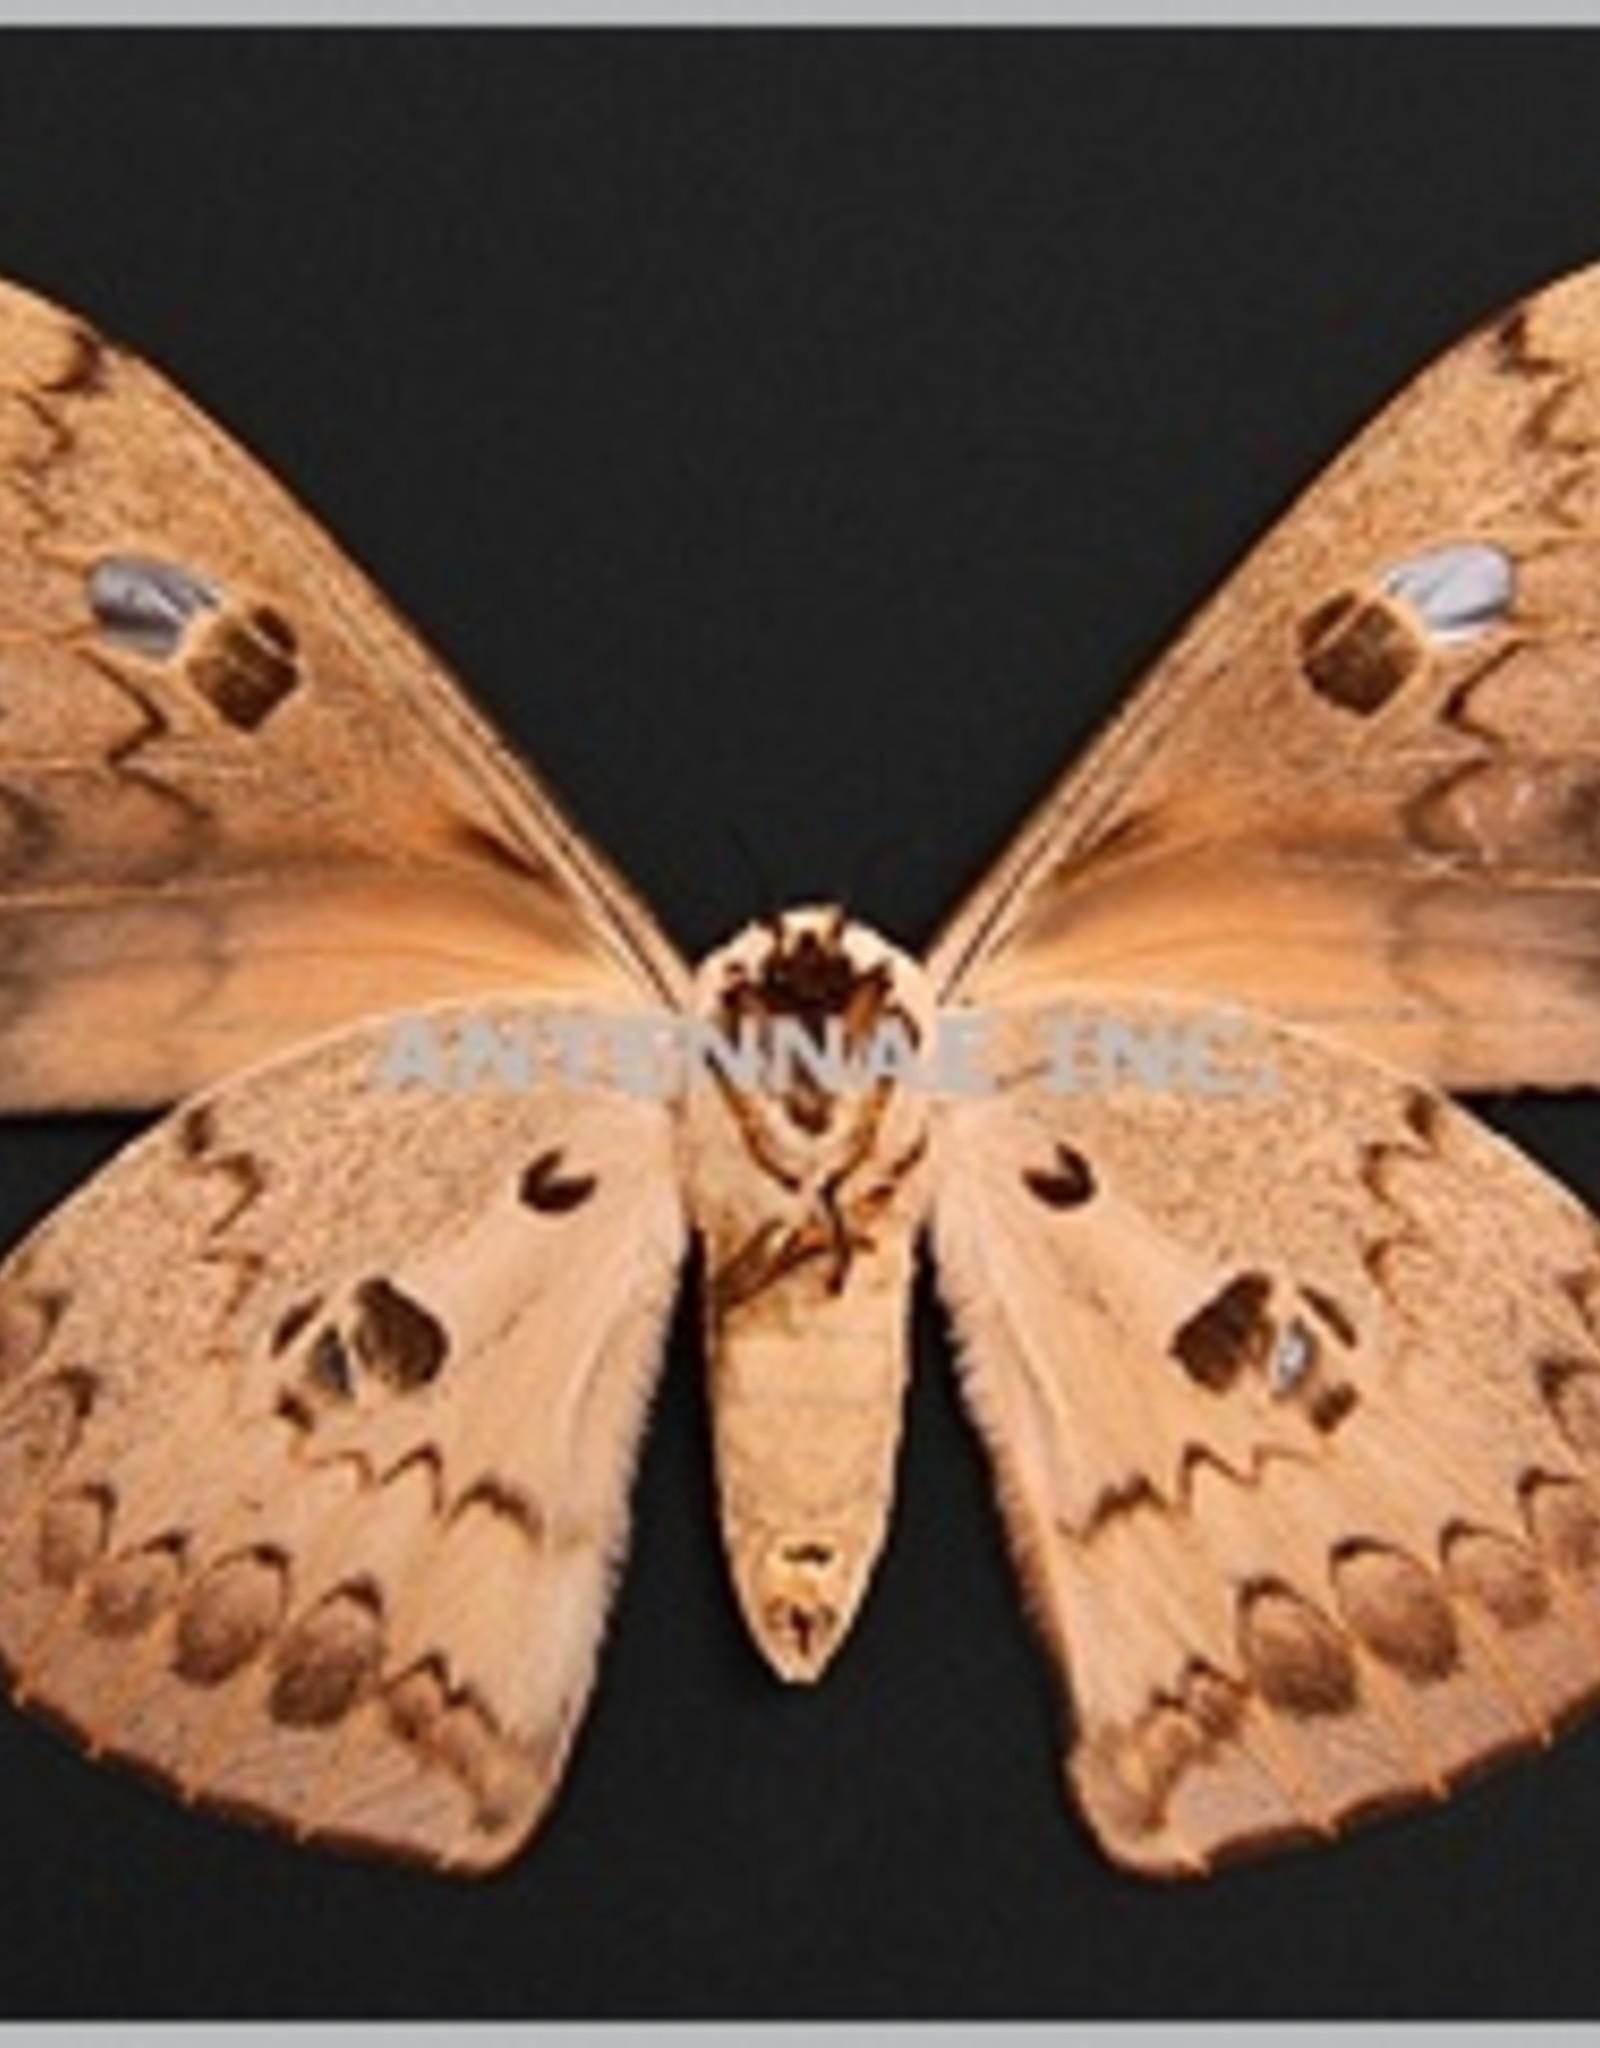 Lobobunaea phaedusa M A1 Cameroon